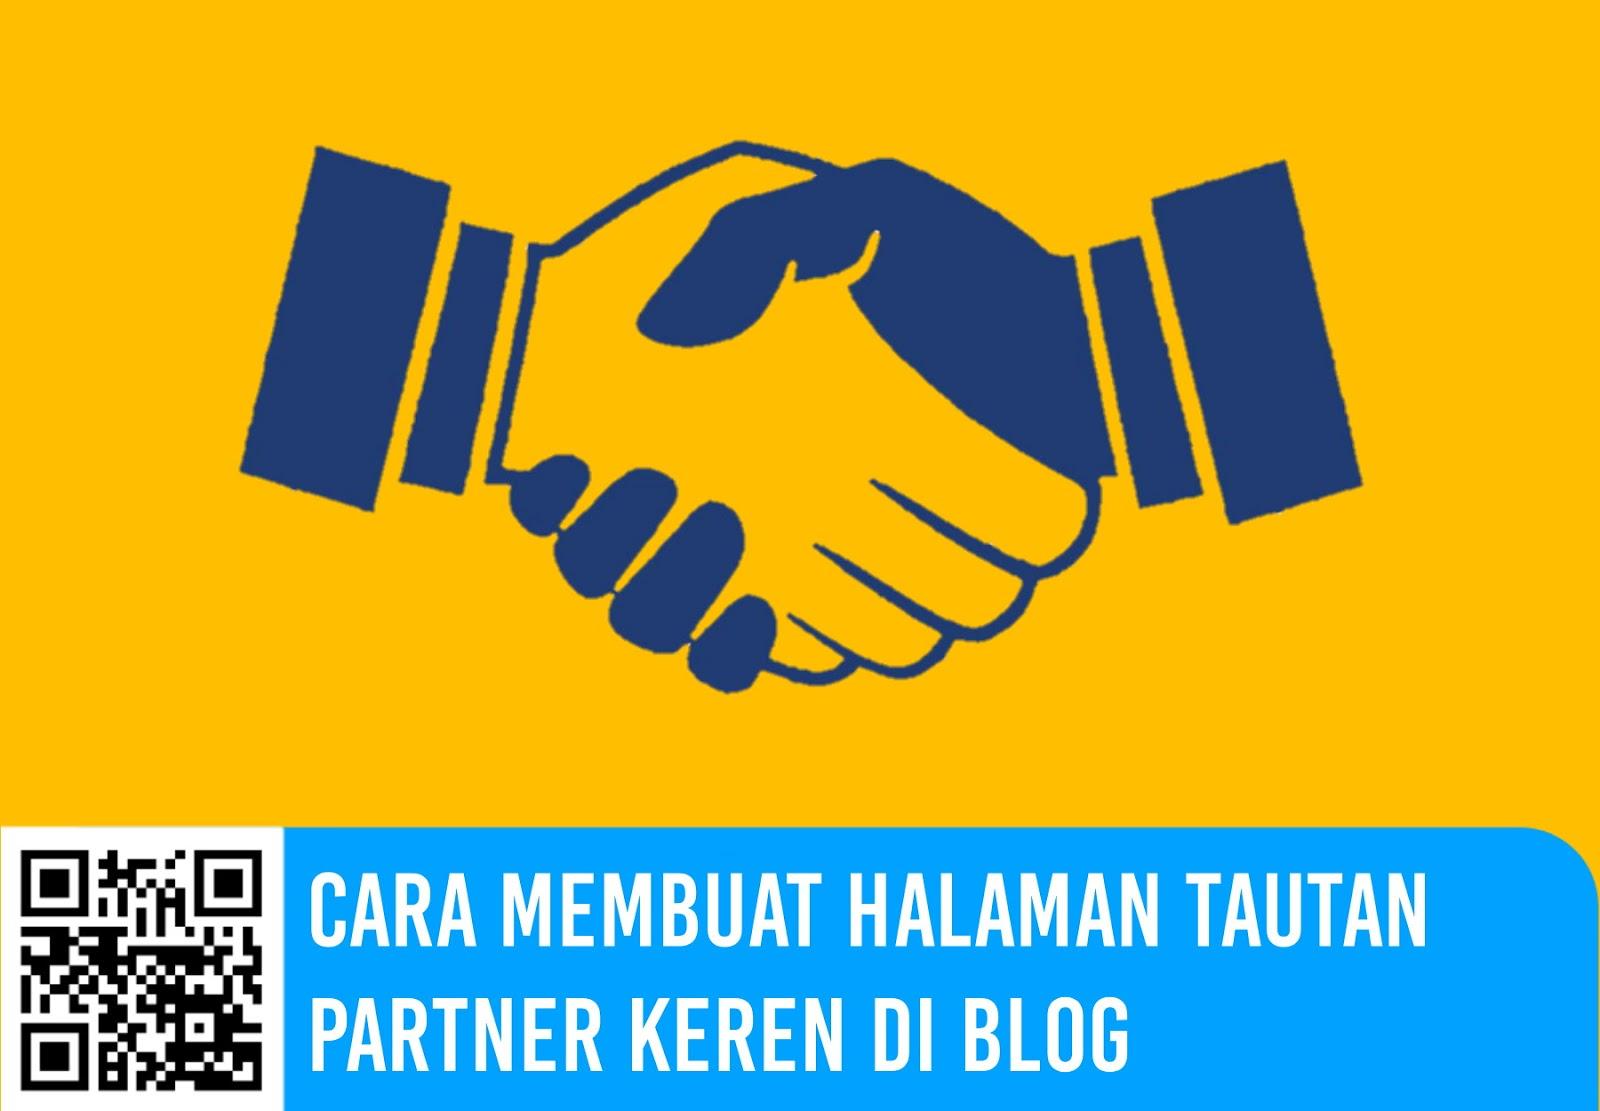 Cara Membuat Halaman Tautan Partner Keren di Blog